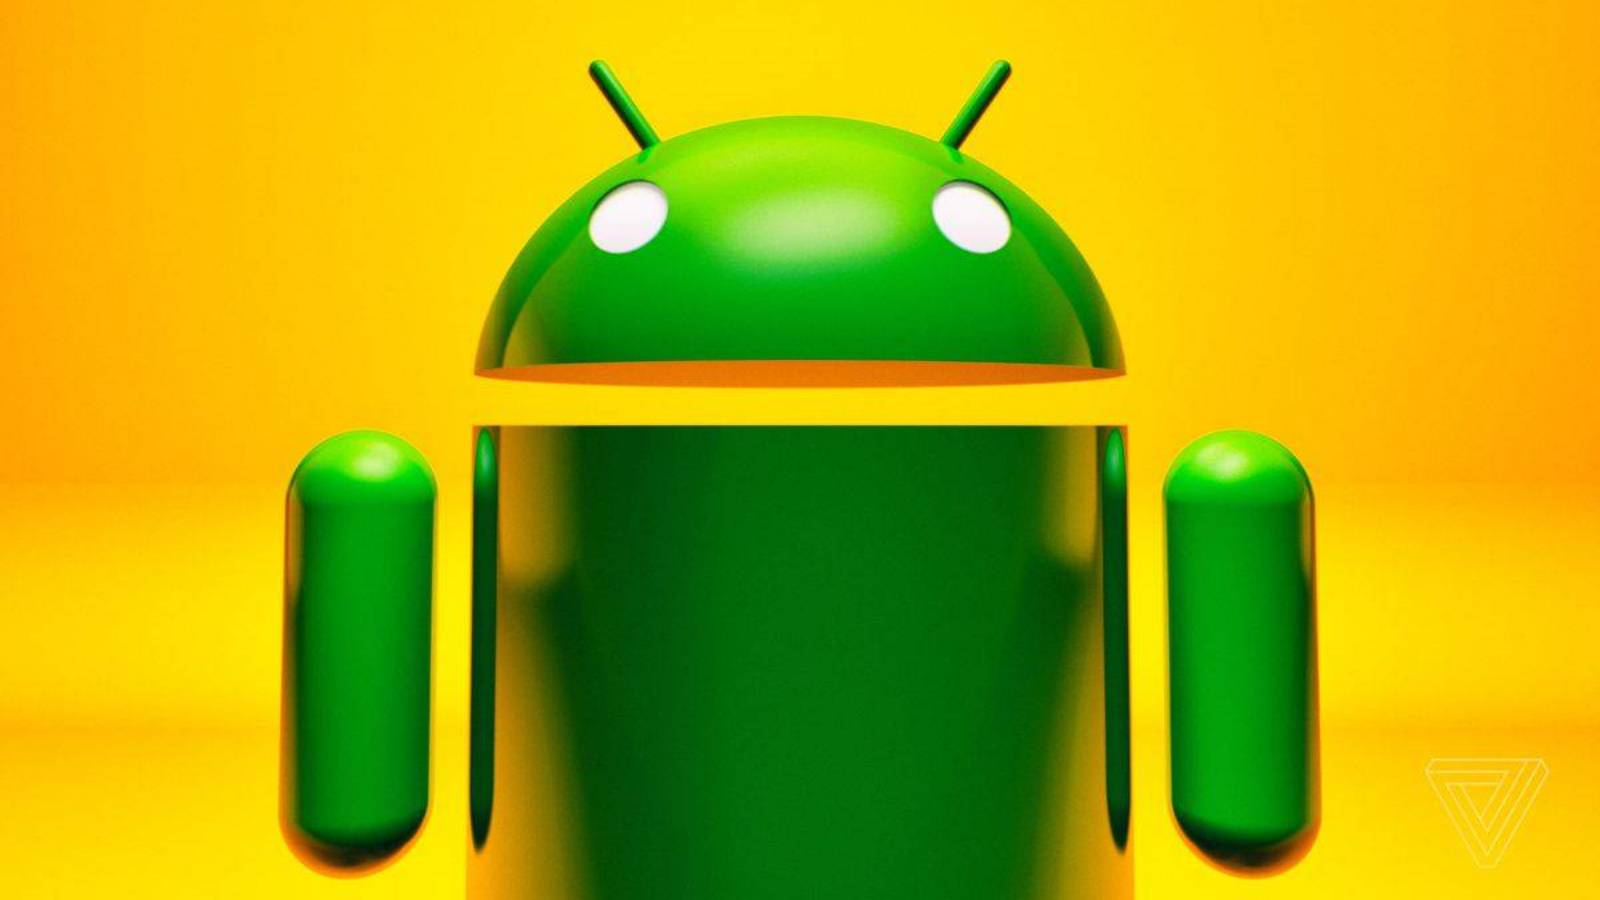 Android ATENTIE Noua PROBLEMA Serioasa pentru Telefoane - ANDROID. ATENÇÃO, O NOVO PROBLEMA SÉRIO PARA TELEFONES - iDevice.ro